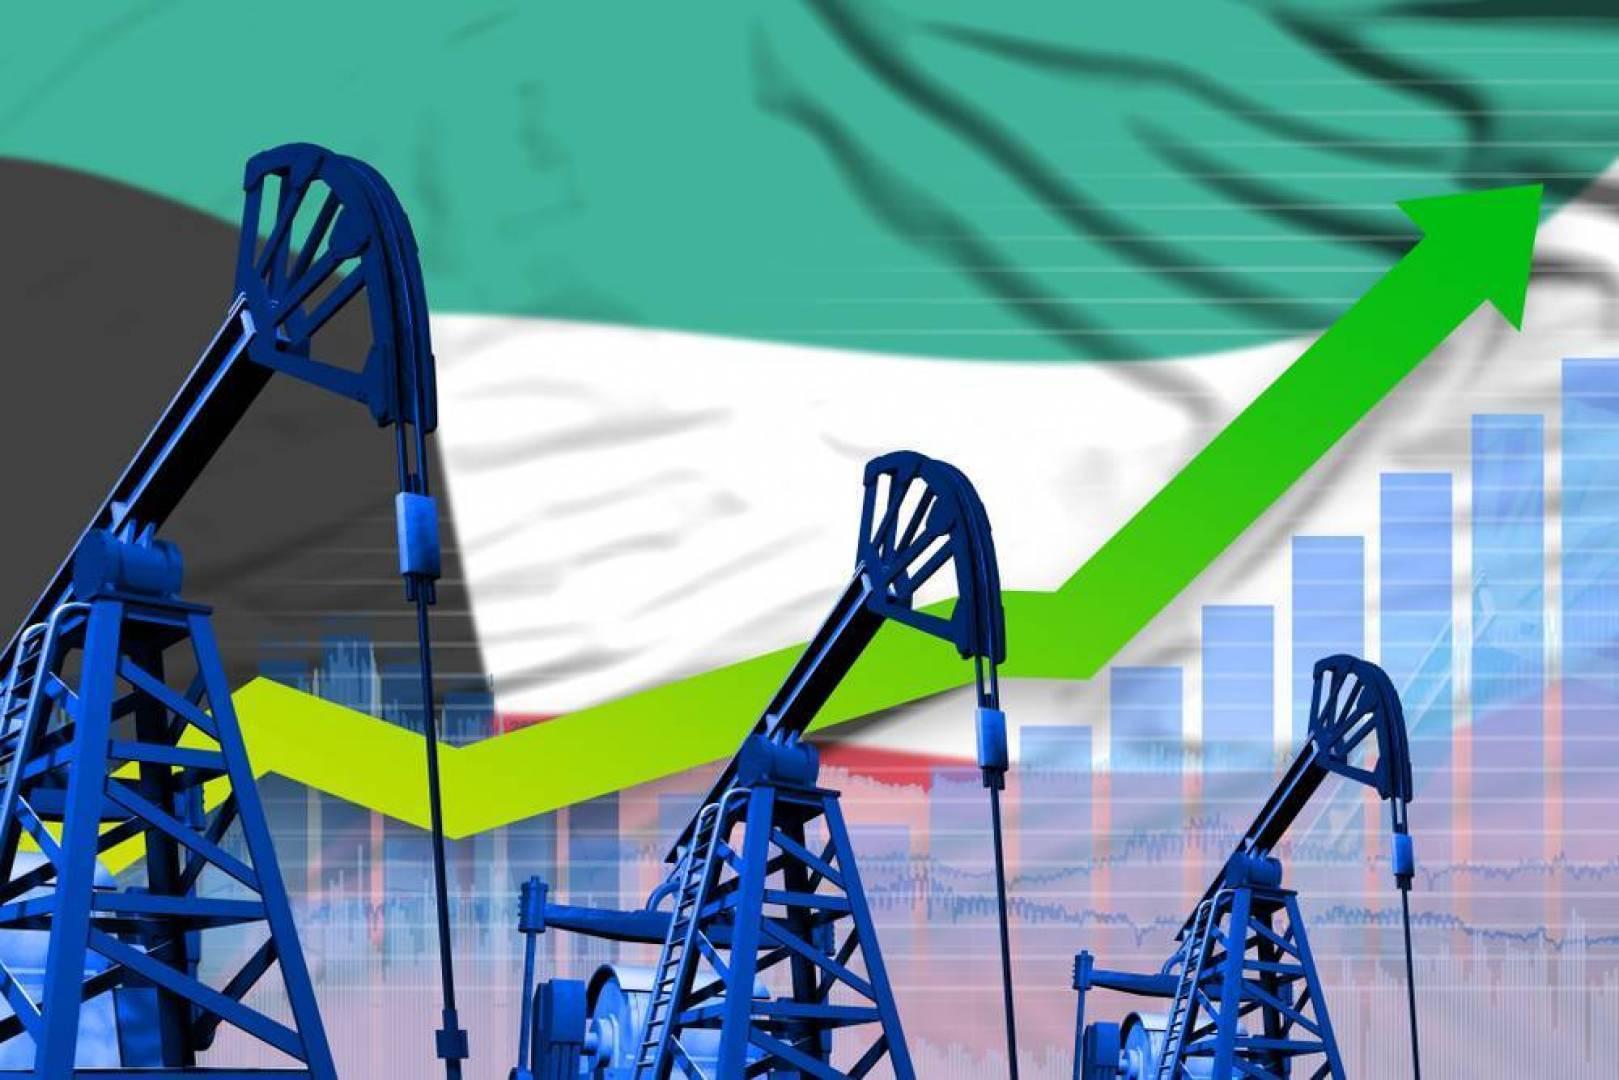 النفط الكويتي يرتفع إلى 56.65 دولار للبرميل